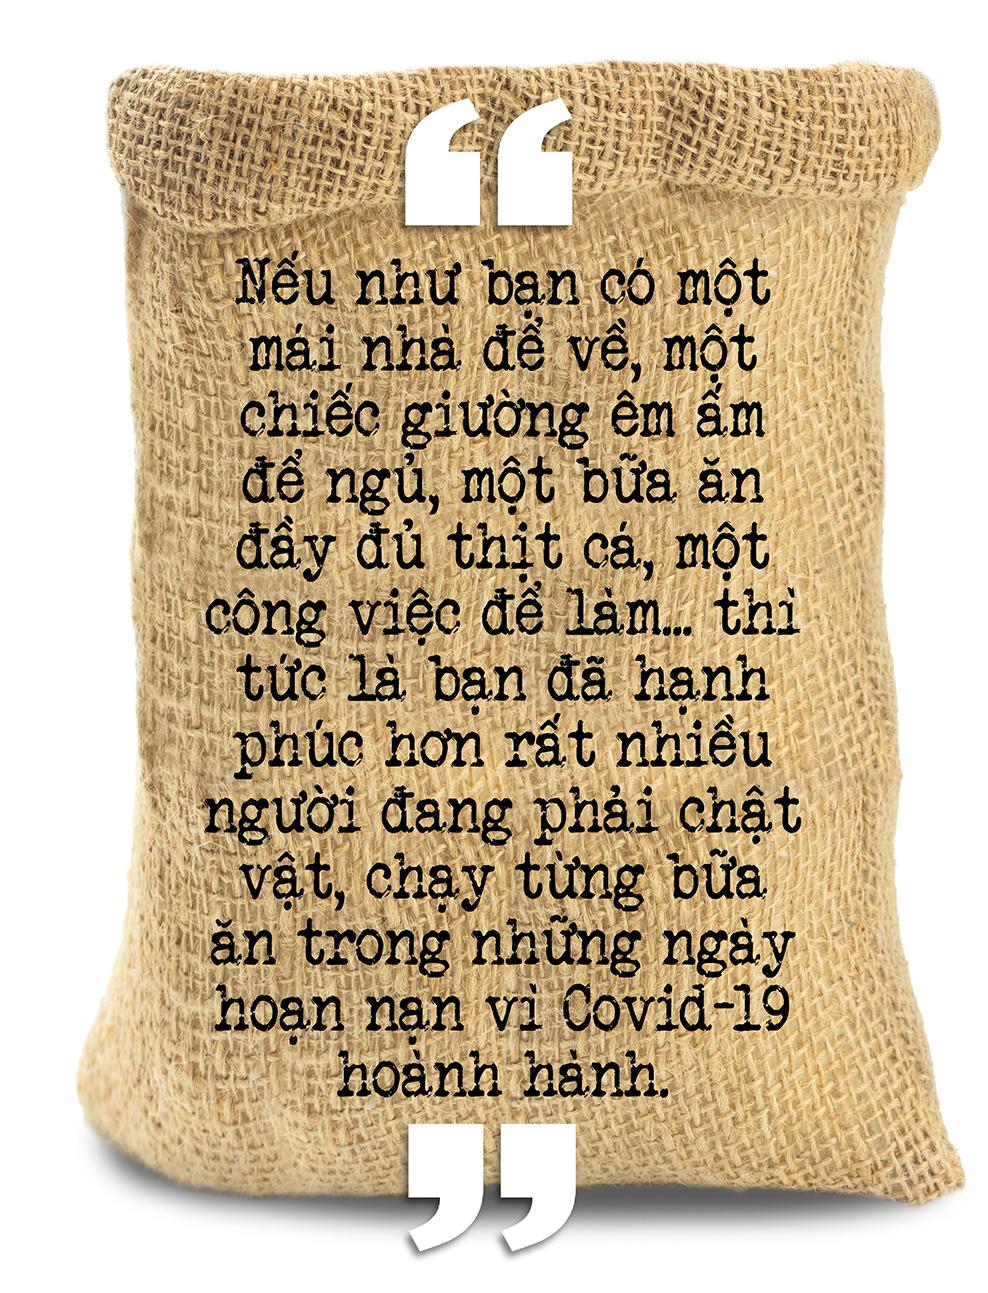 Cha đẻ ATM gạo Hoàng Tuấn Anh: TP.HCM giãn cách thì đóng bao 5kg gạo giao từng khu phong toả, xóm trọ… - Ảnh 5.